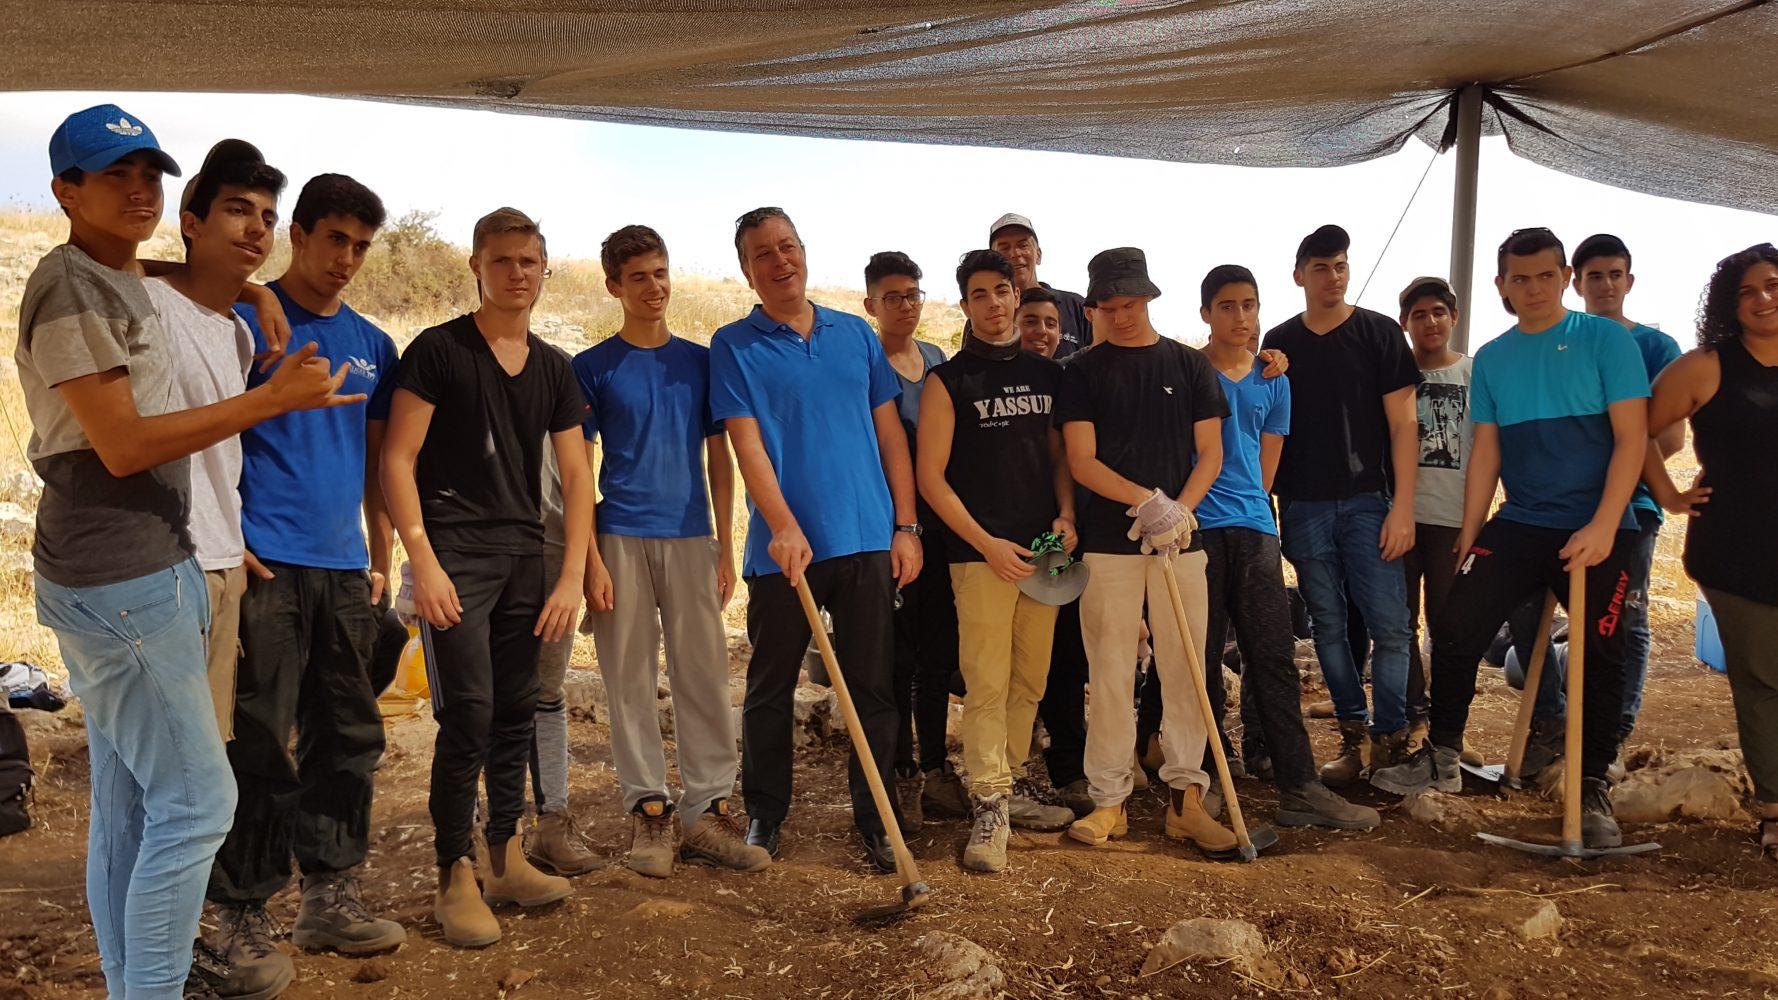 בני נוער מקריית אונו בעבודות חופשת הקיץ באתרים ארכיאולוגיים